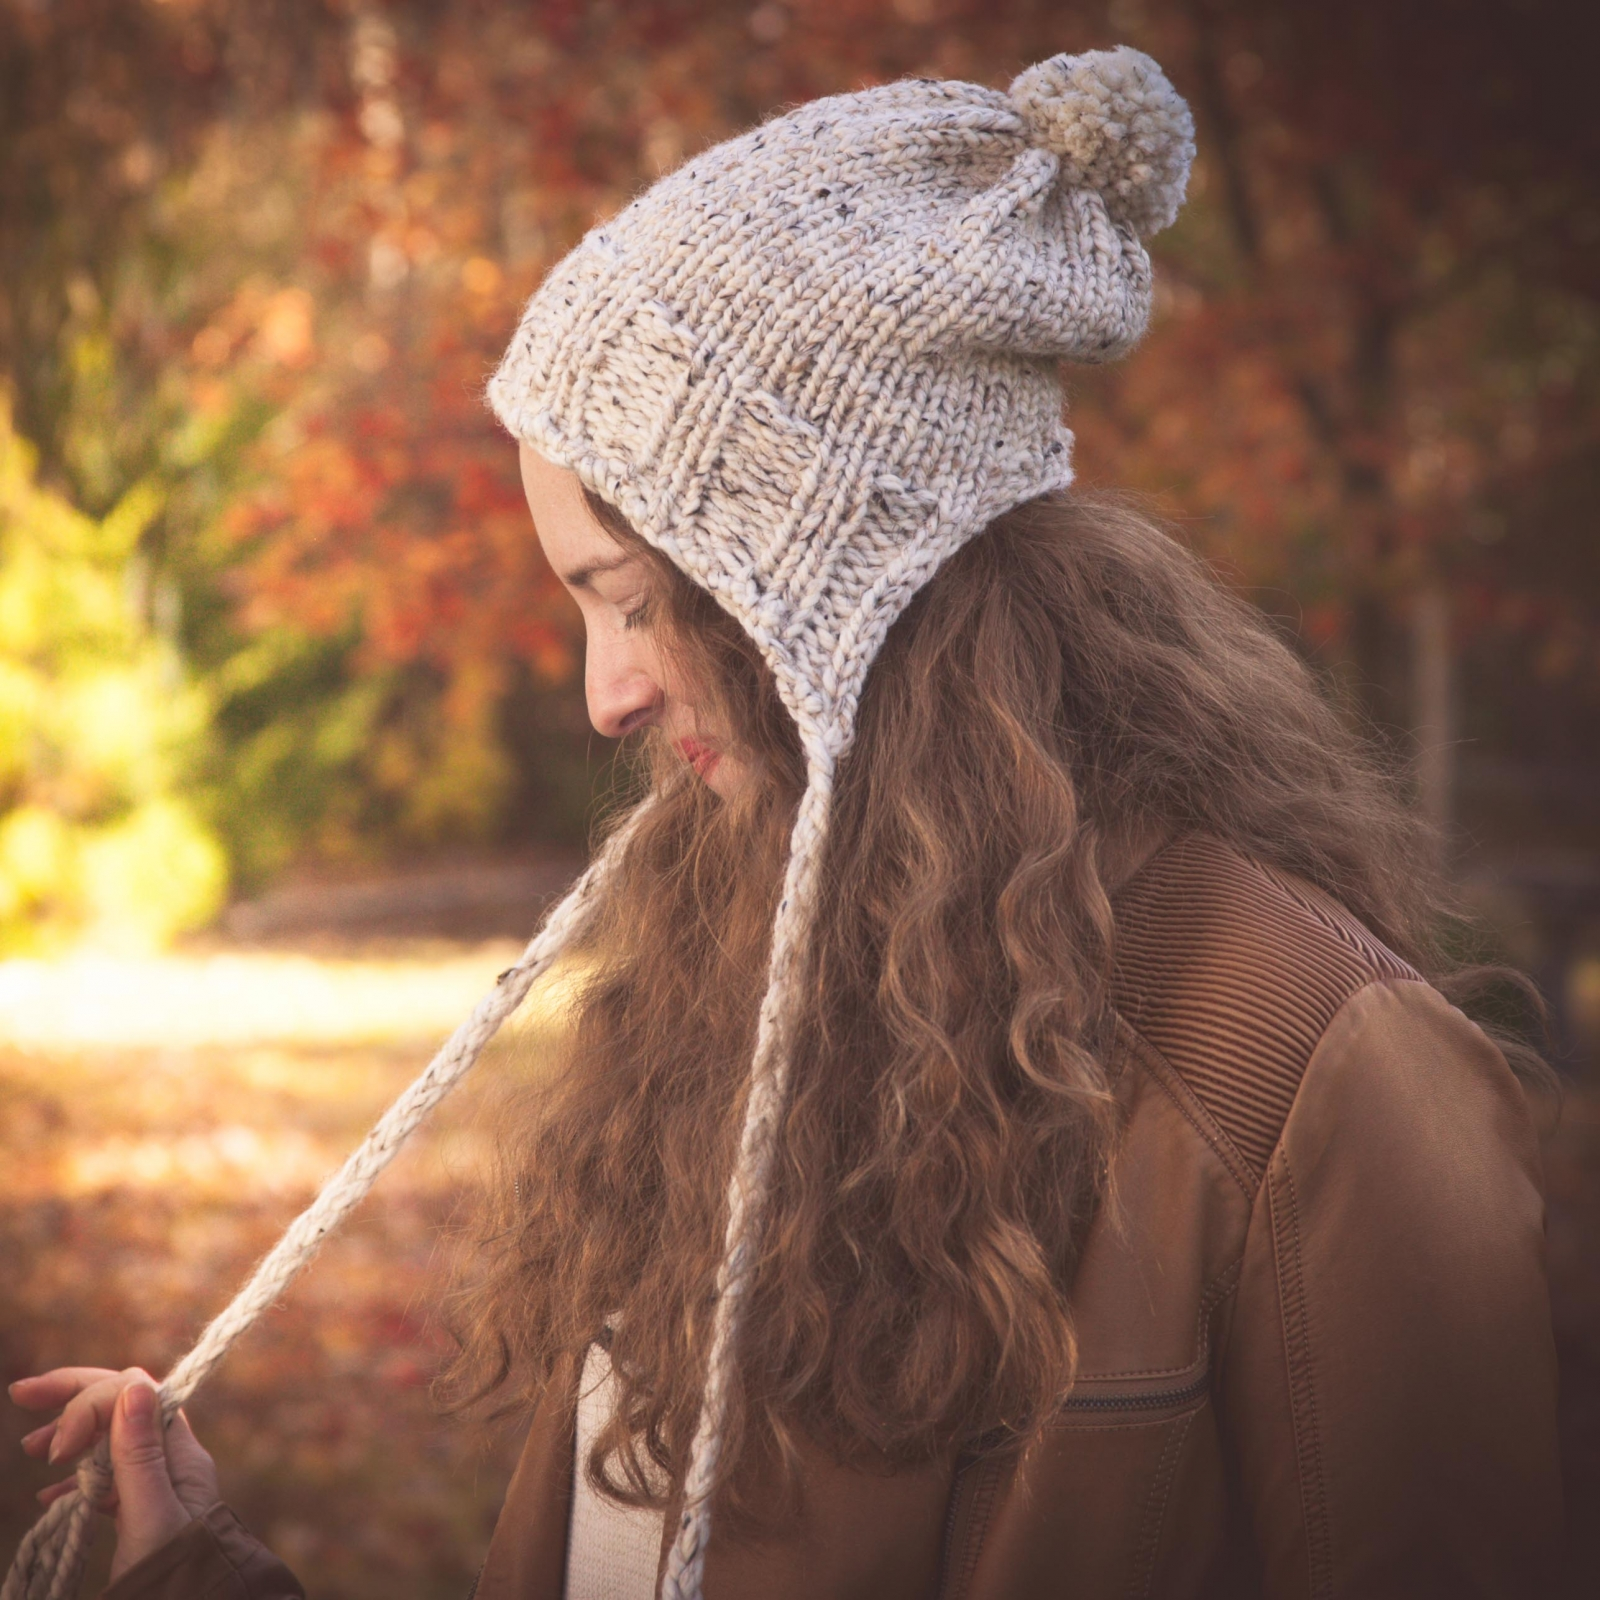 Loom Knit Earflap Hat PATTERN, Split Brim Hat, Bulky, Chunky Knit ...